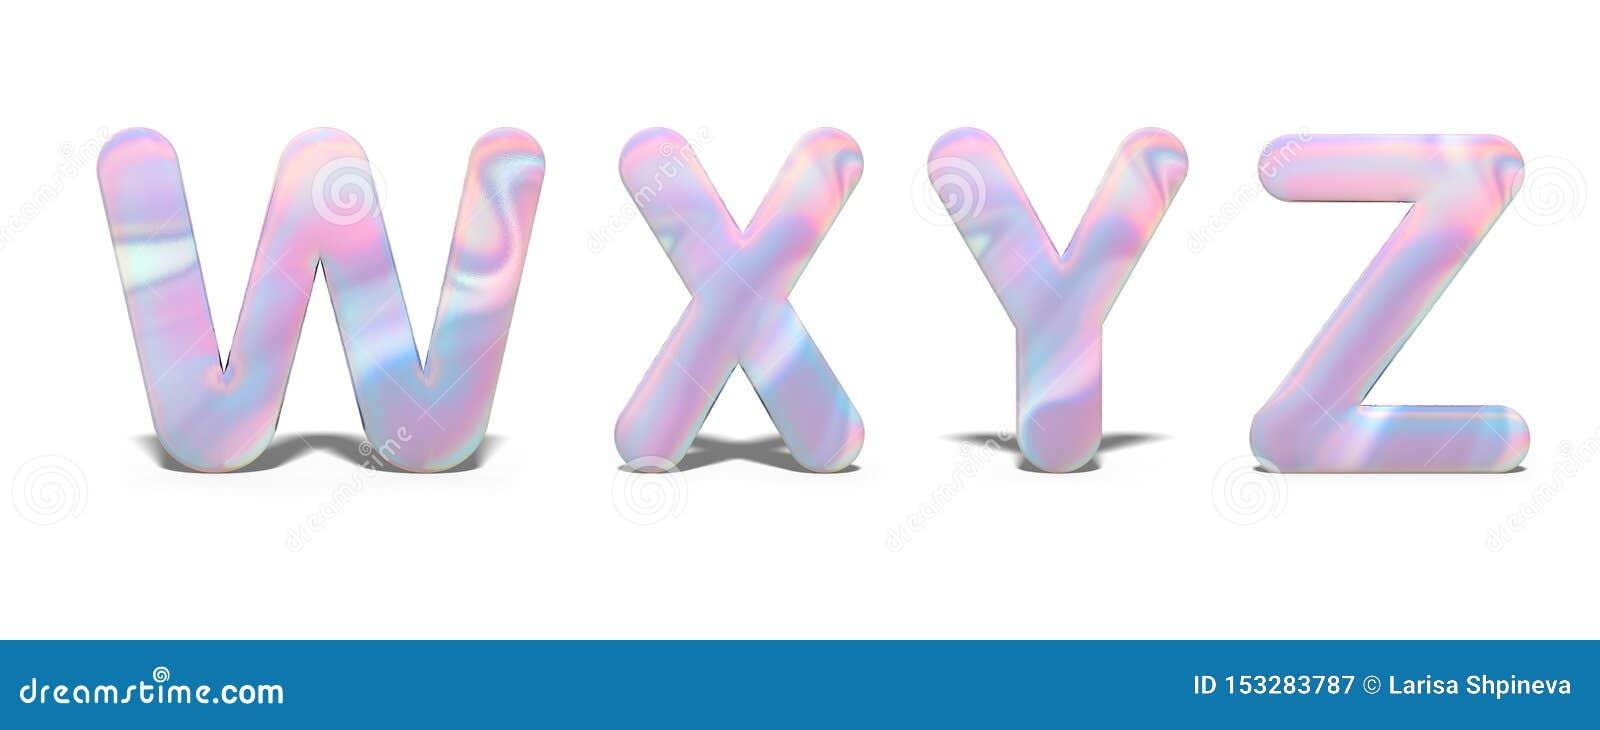 Fije de las mayúsculas W, X, Y, Z en el diseño olográfico brillante, alfabeto de neón brillante